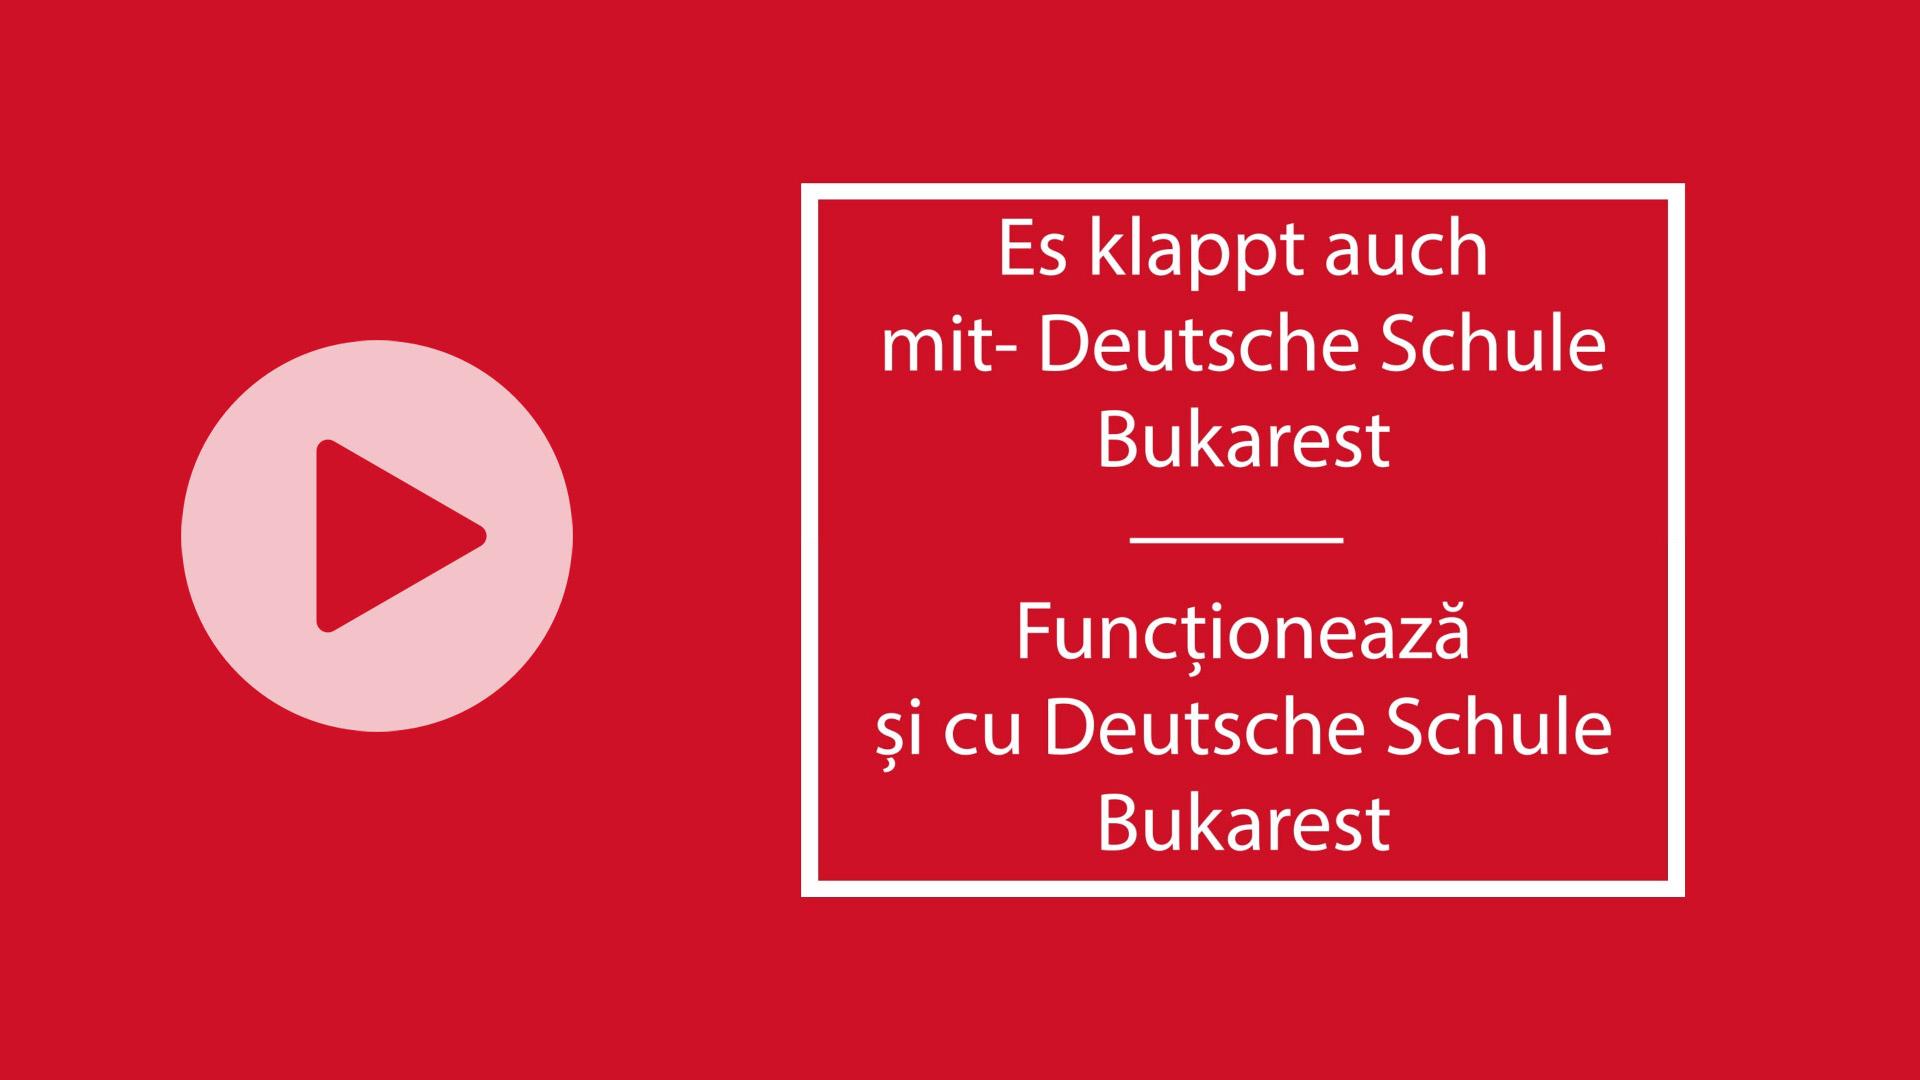 DSBU - Functioneaza si cu Deutsche Schule Bukarest